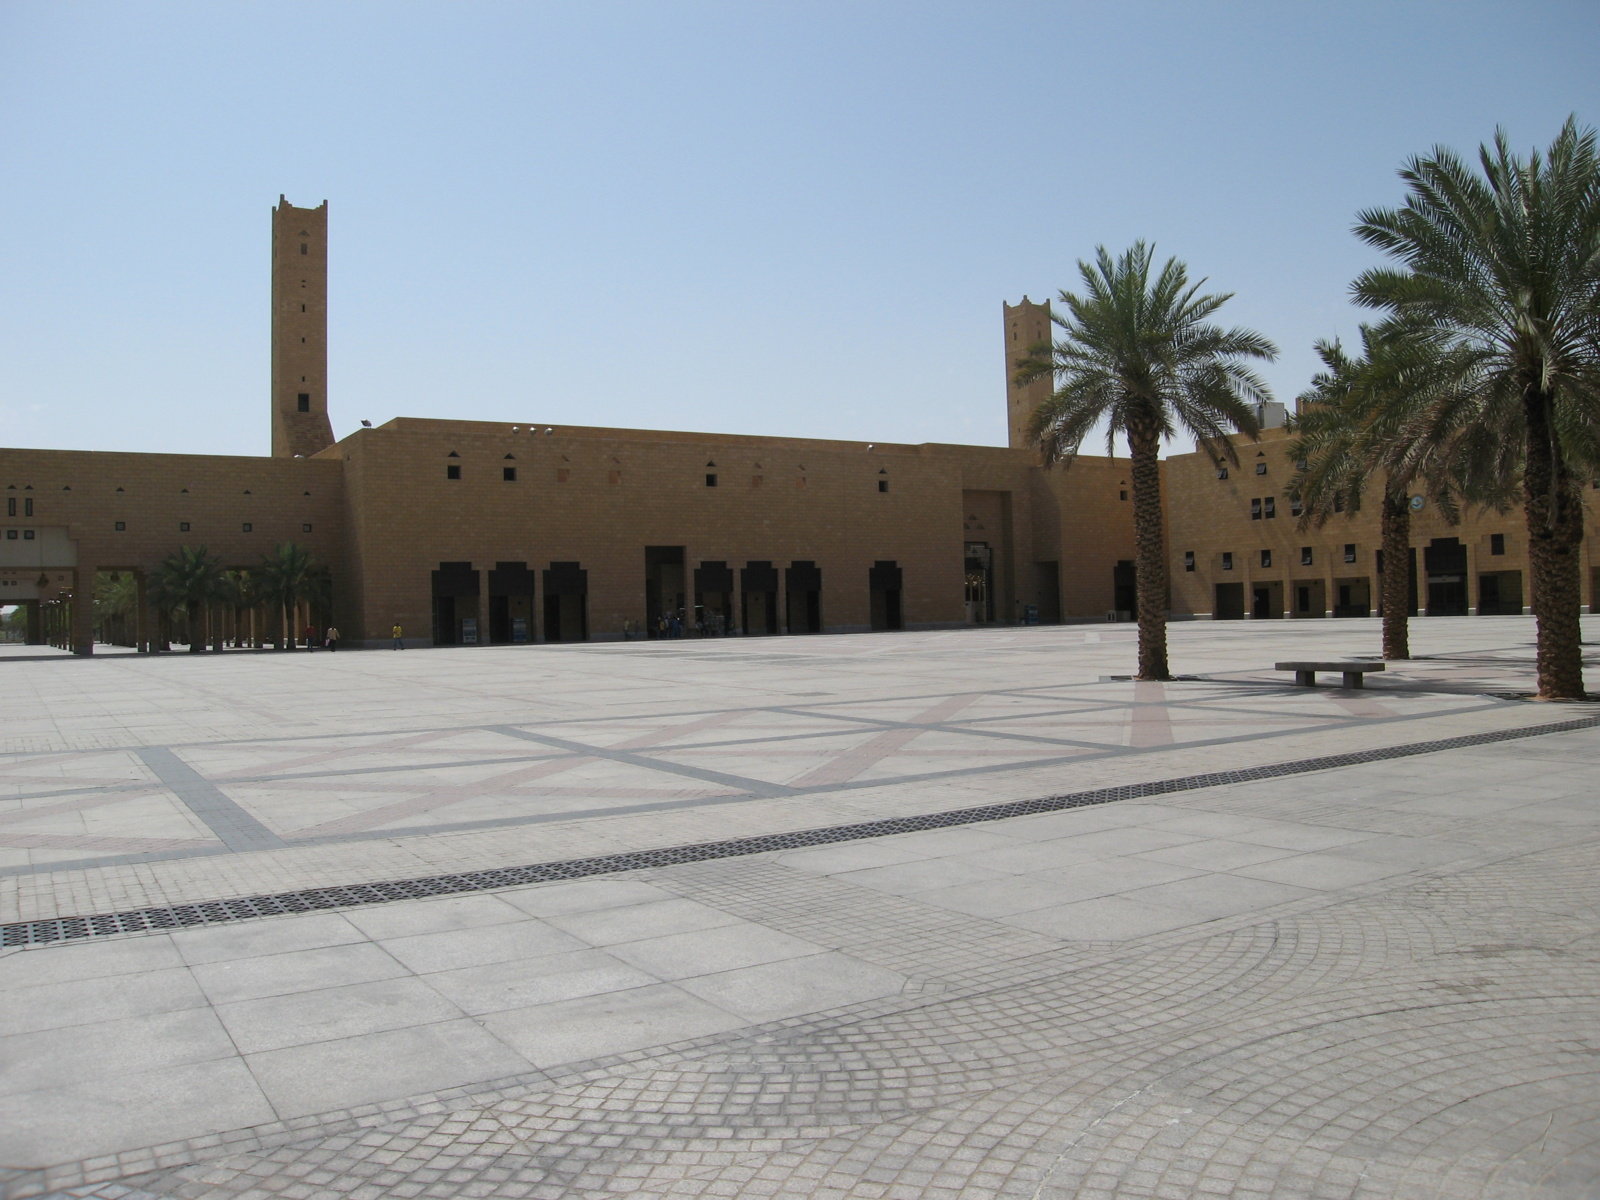 Saudo Arabija pradės siūlyti turistines vizas